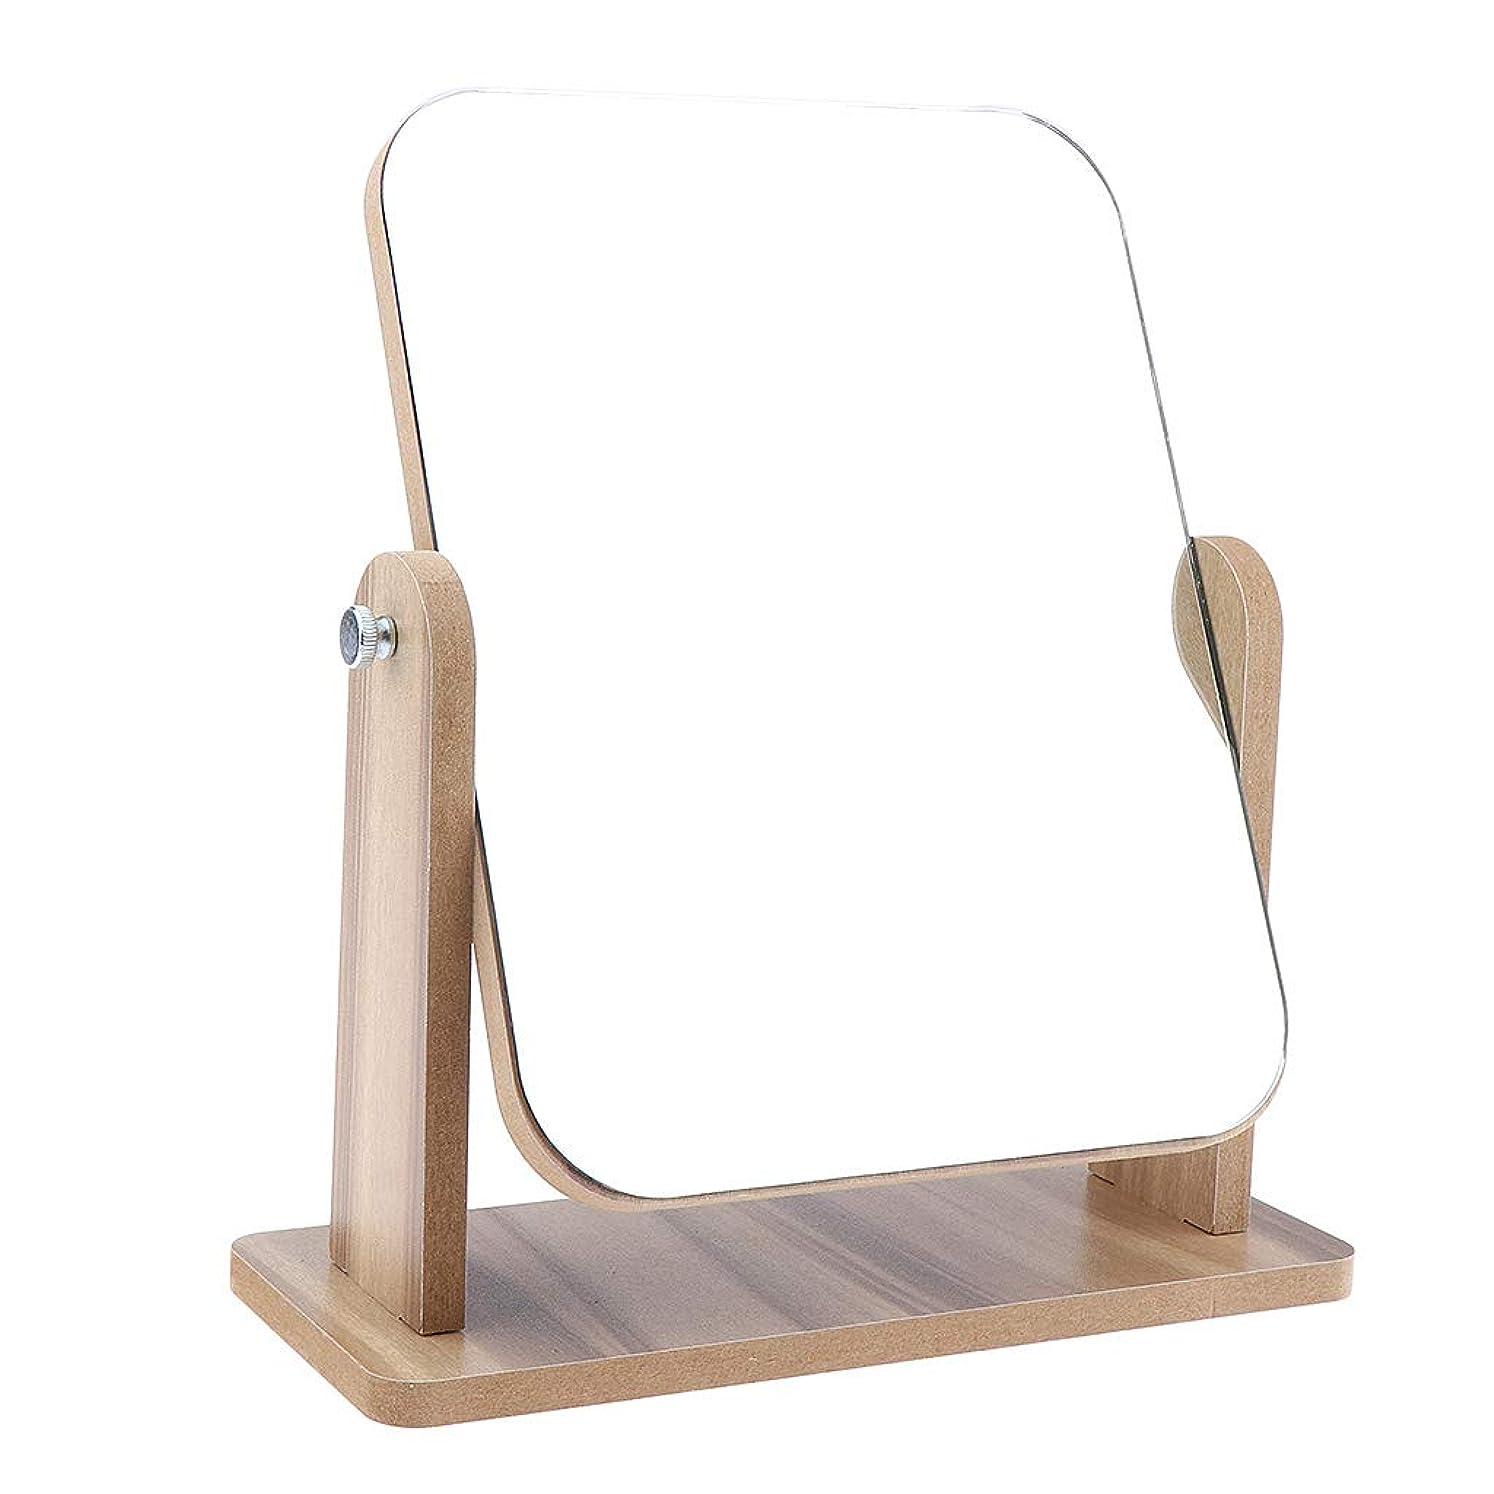 タバコ荒らす悔い改めるB Blesiya メイクアップミラー 化粧鏡 レトロ 卓上ミラー 木製ベース 旅行 2サイズ選べ - 22x17 cm